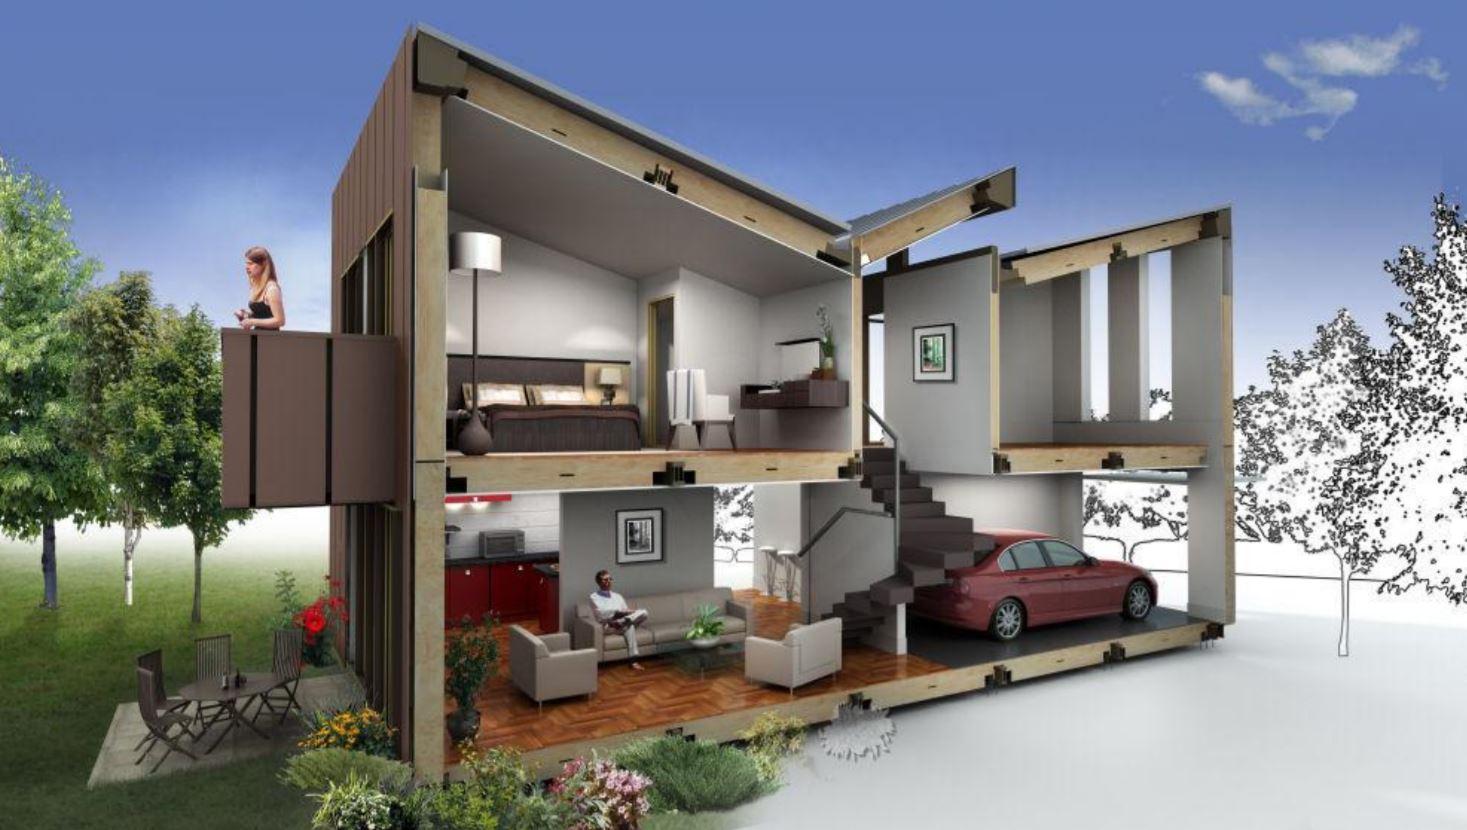 Casa de una planta o dos - Casas de dos plantas sencillas ...